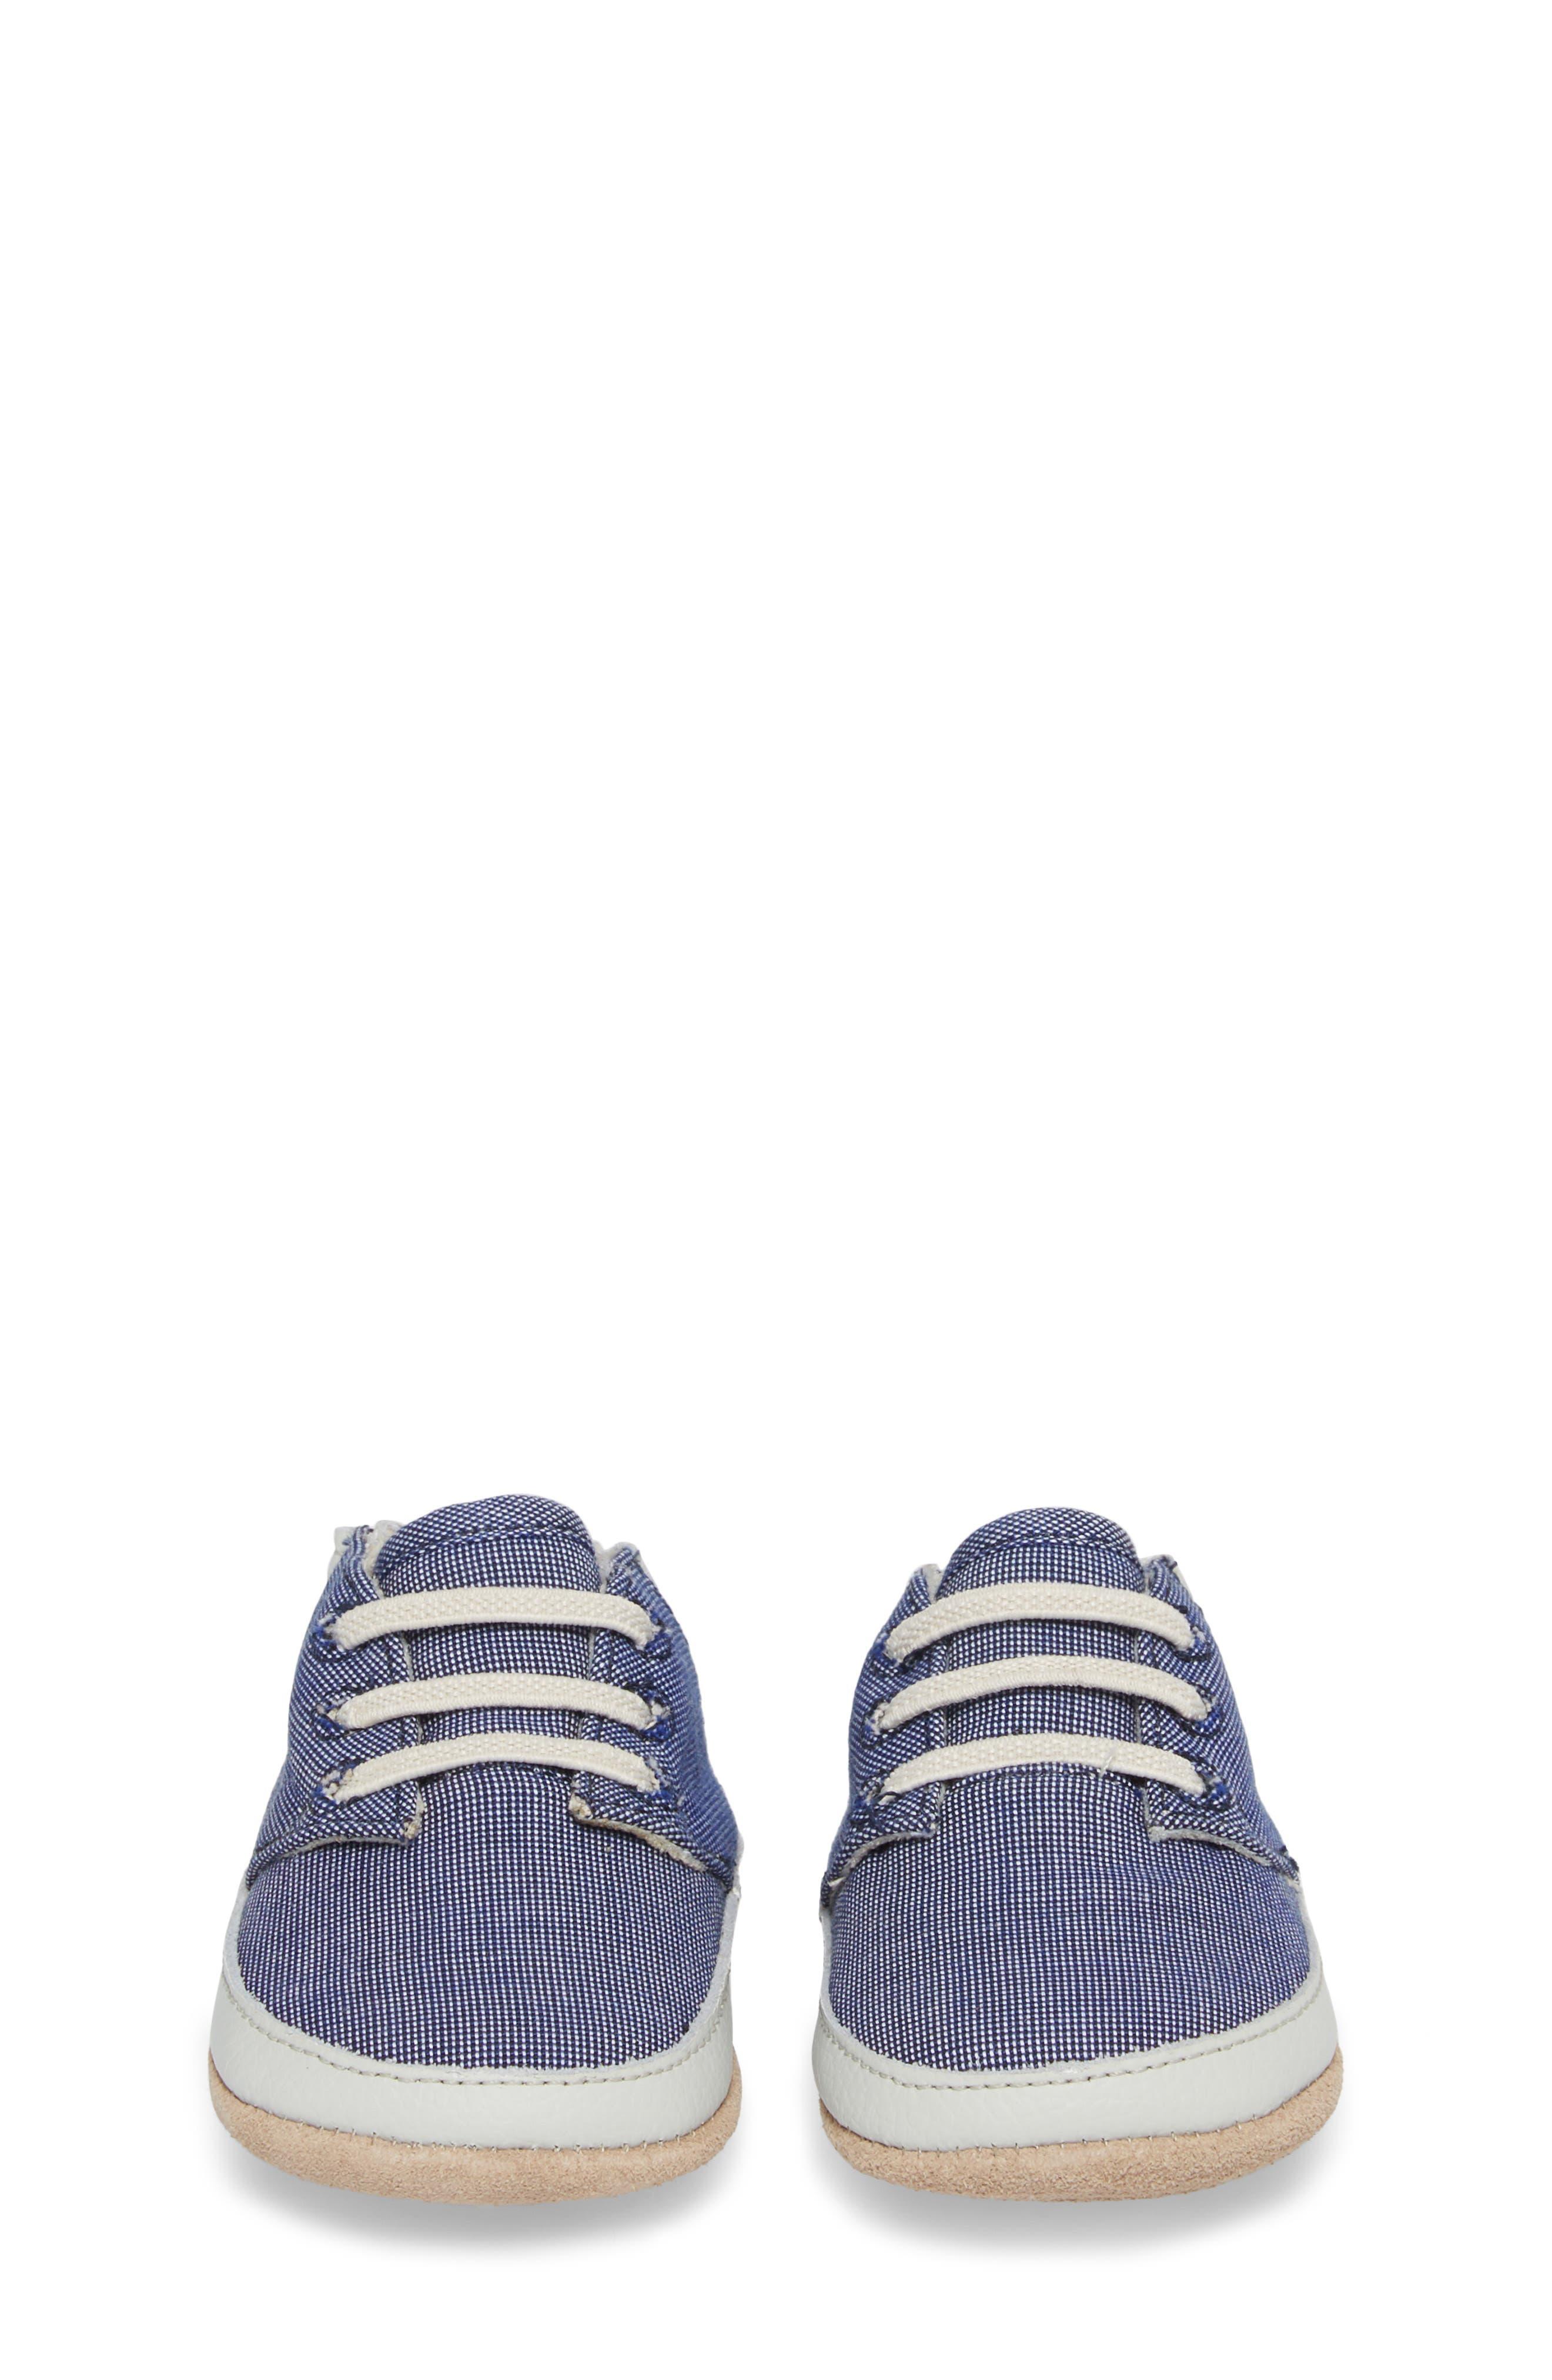 Steven Crib Sneaker,                             Alternate thumbnail 5, color,                             Denim